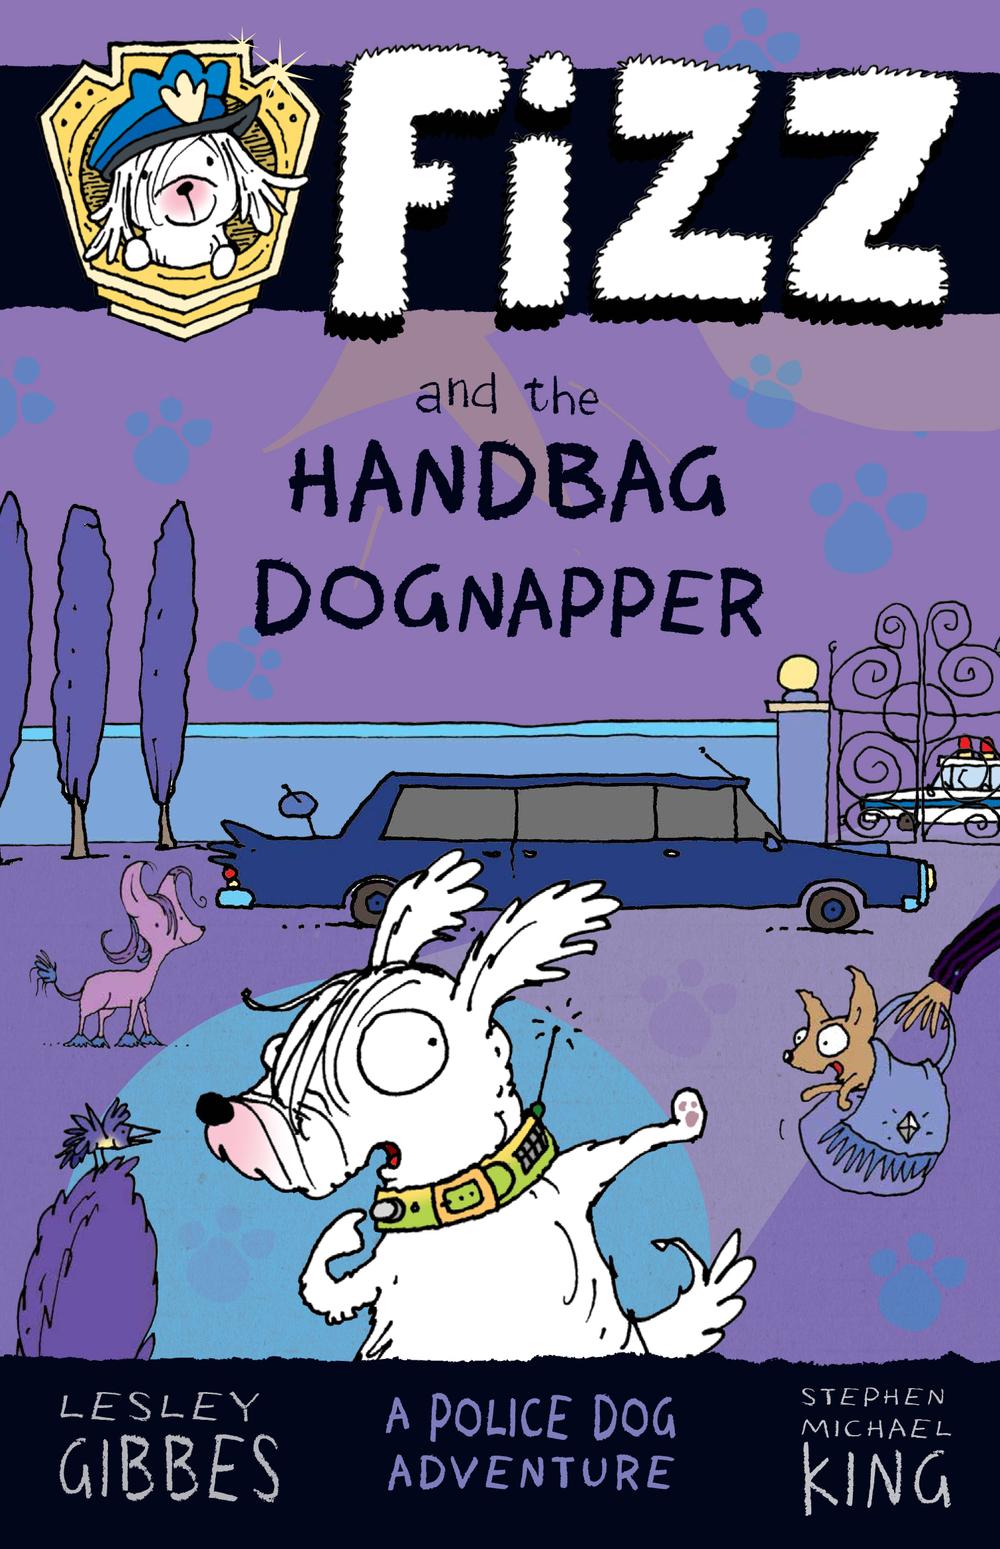 fizz handbag dognapper 1510x2339.jpg